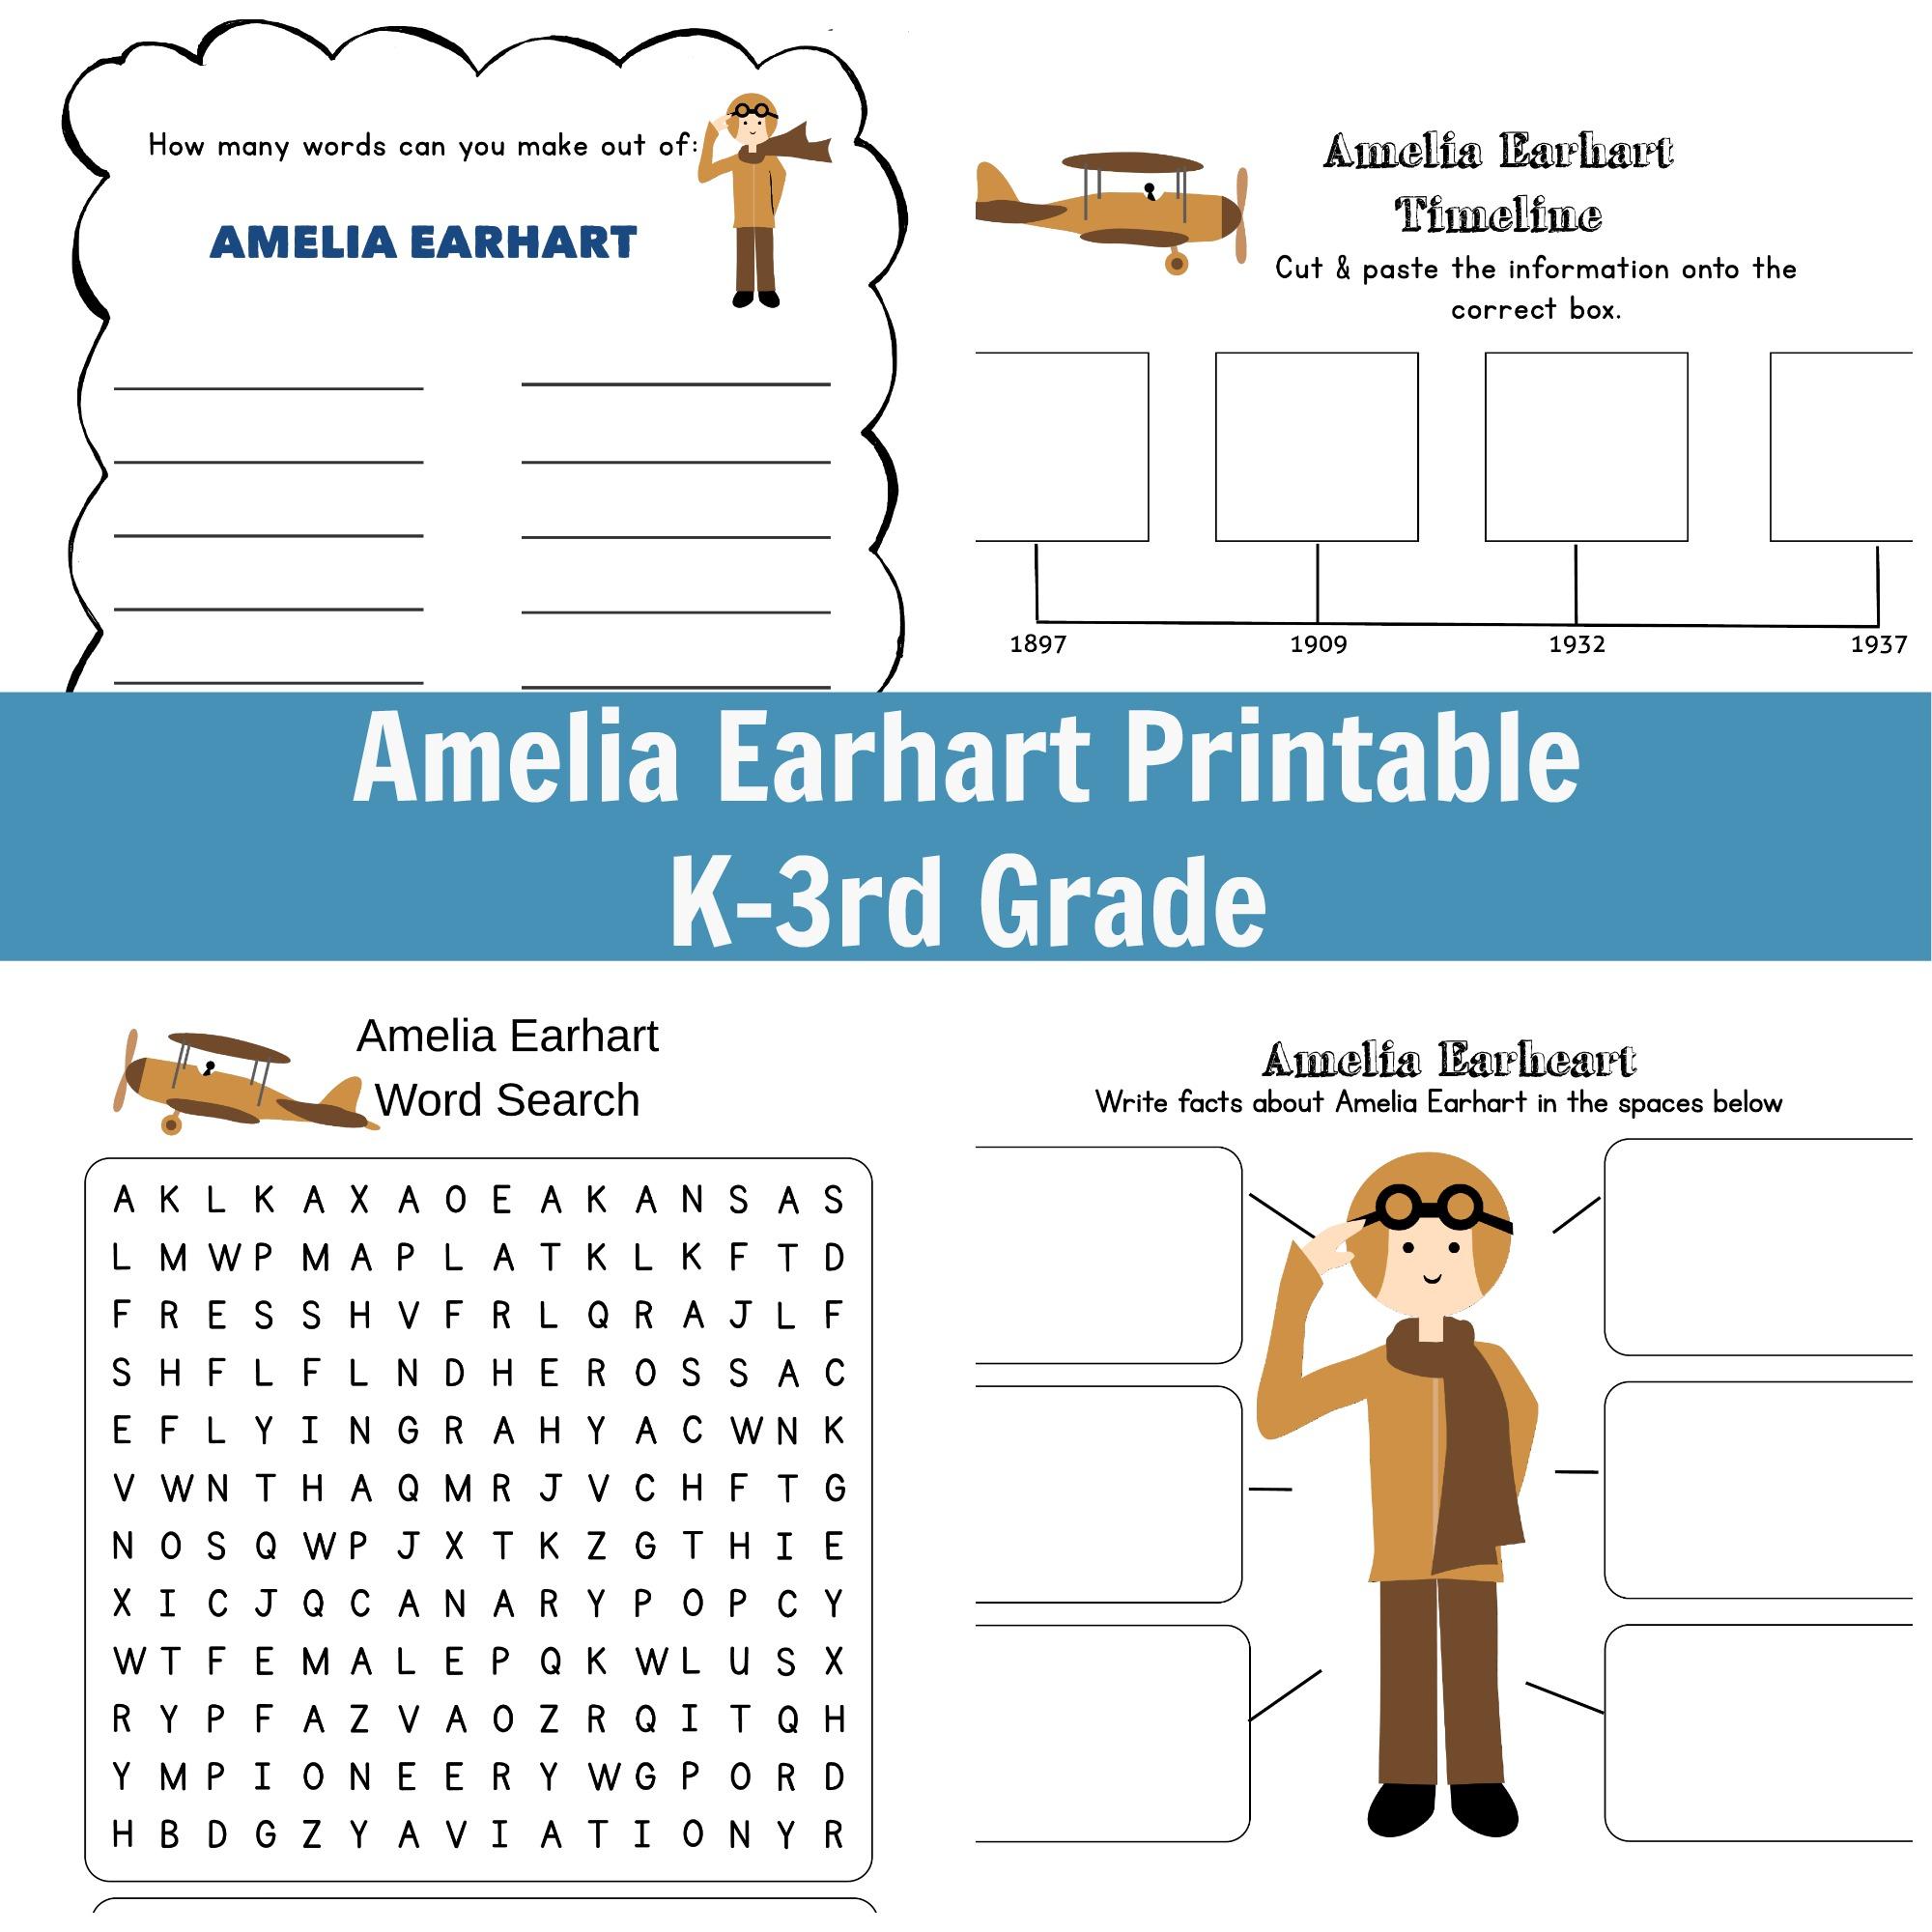 Amelia Earhart Printable - Grades K-3   Amelia Earhart Free Worksheets Printable